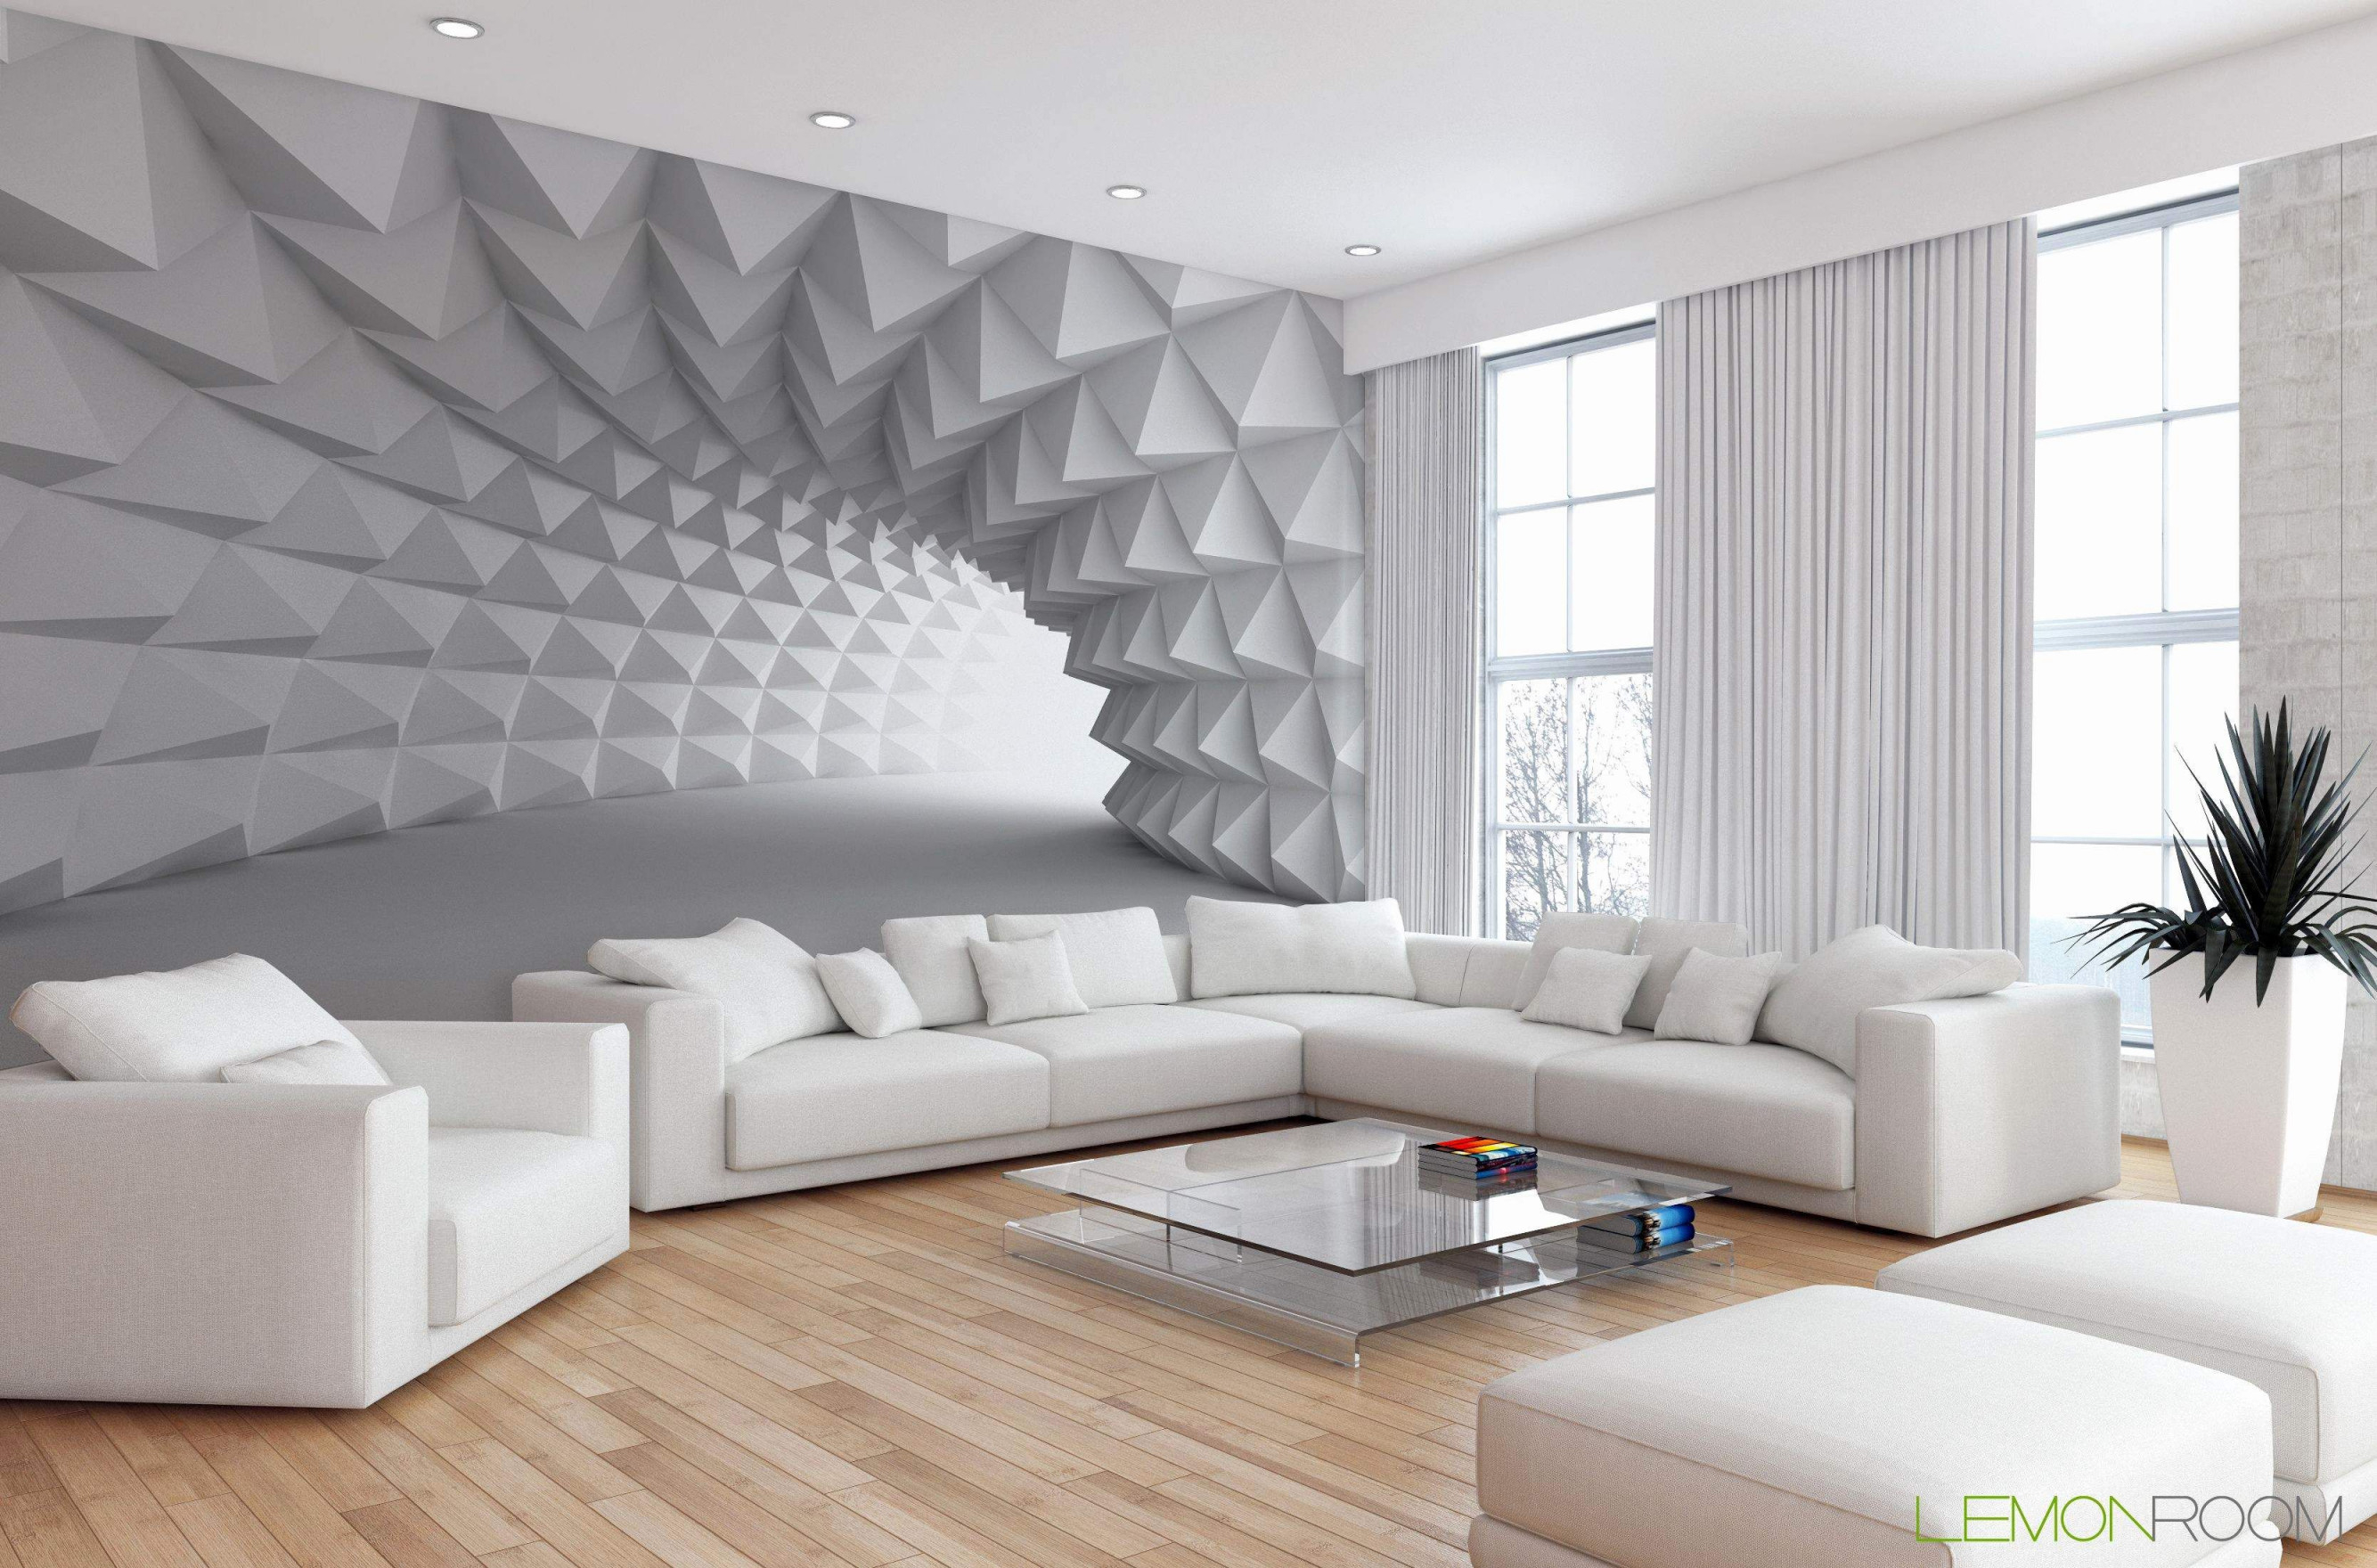 Moderne Wohnzimmer Tapeten Schön 31 Inspirierend Moderne von Schöne Wohnzimmer Tapeten Bild